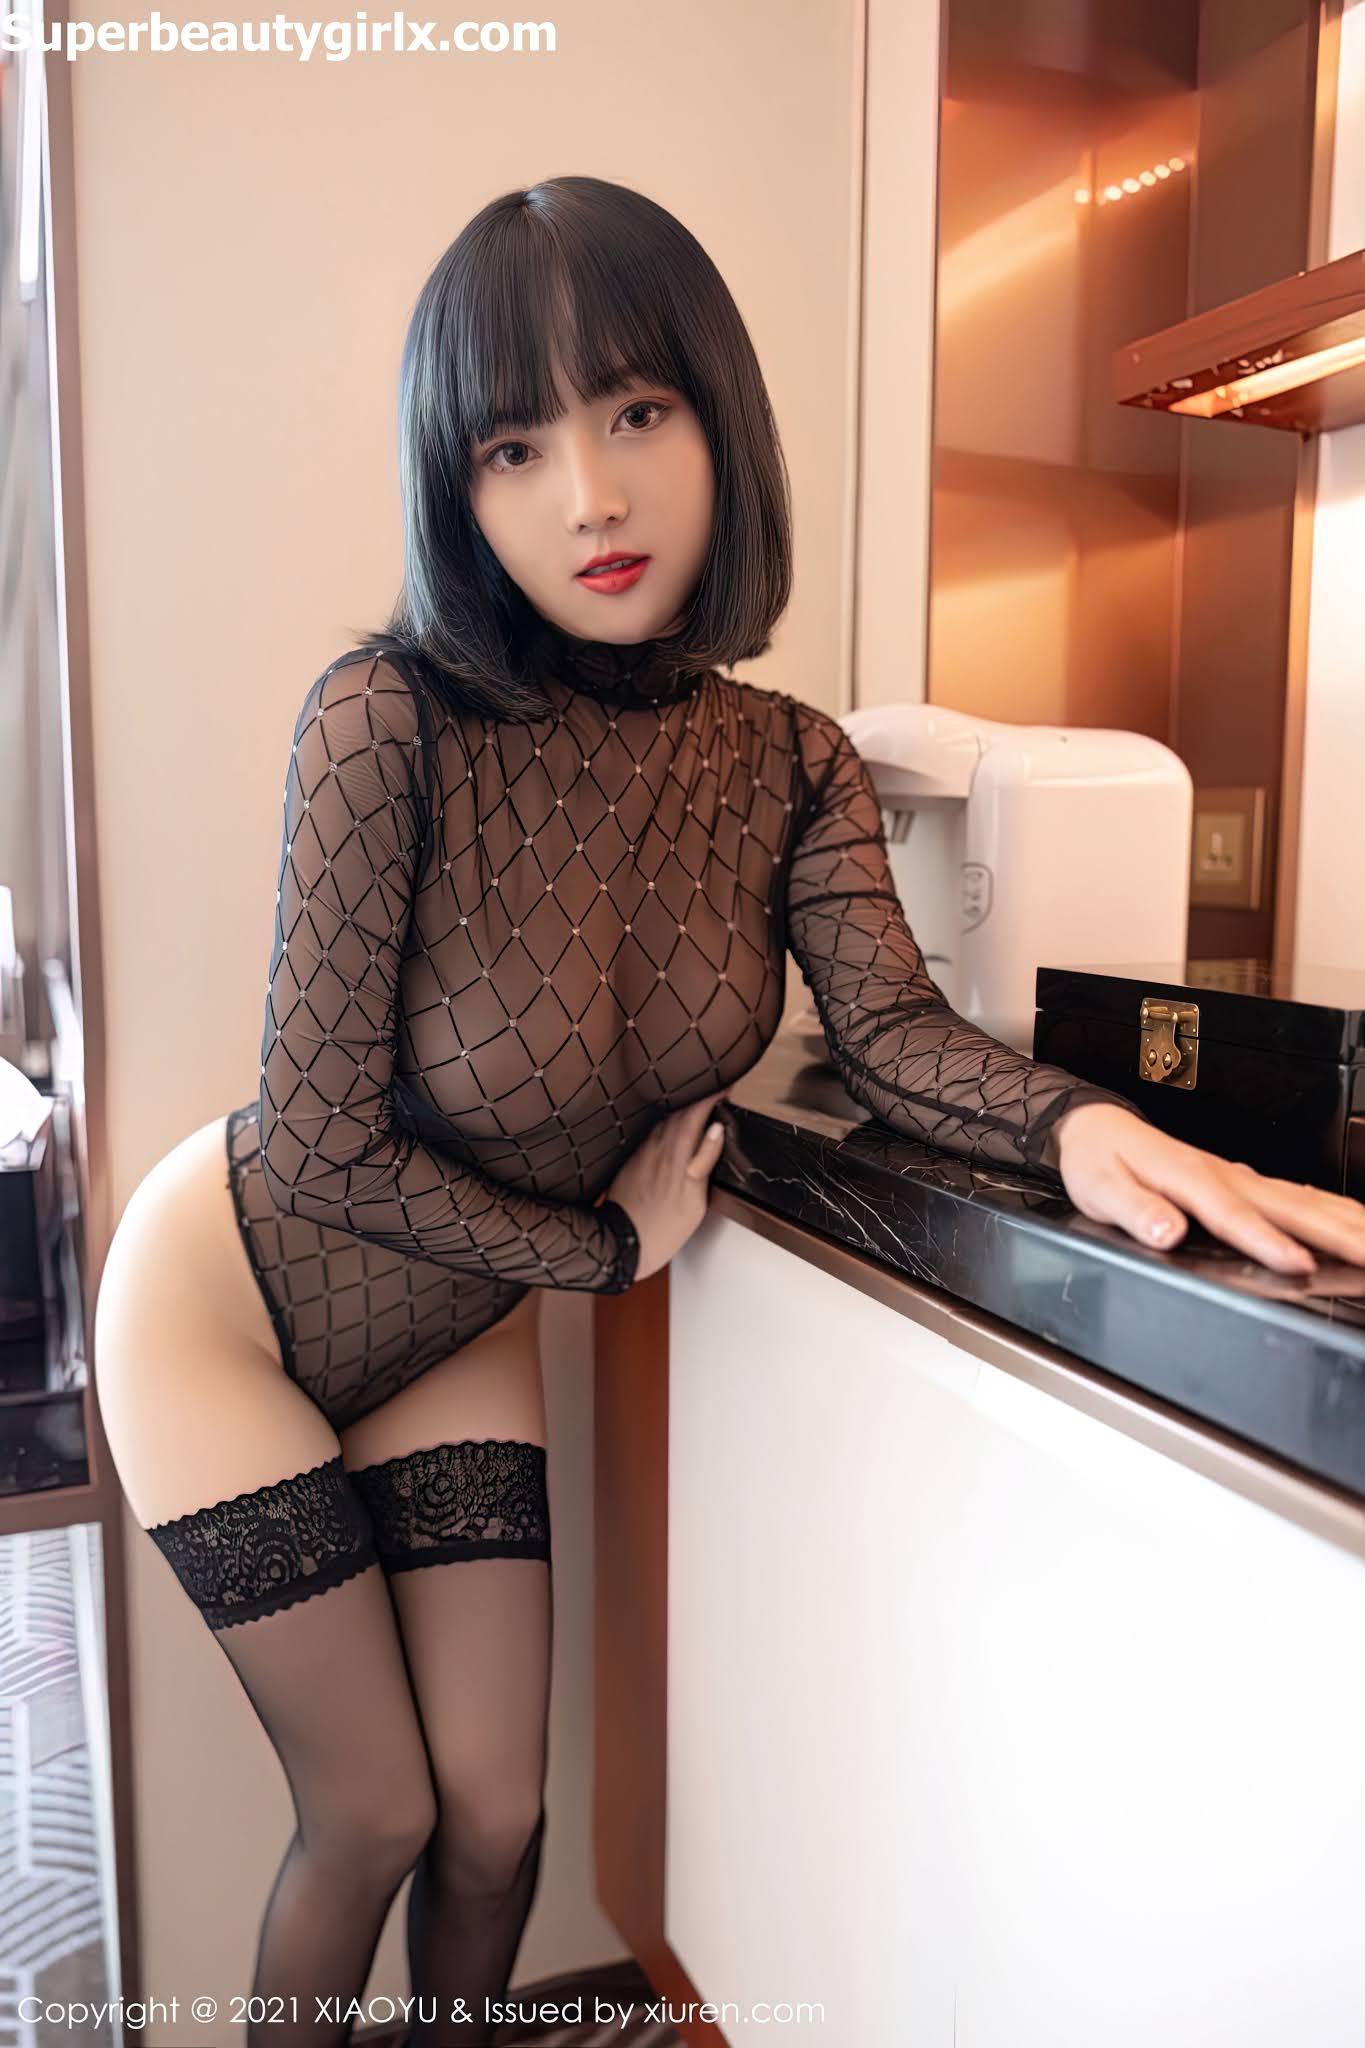 XiaoYu-Vol.516-Dou-Ban-Jiang-Superbeautygirlx.com